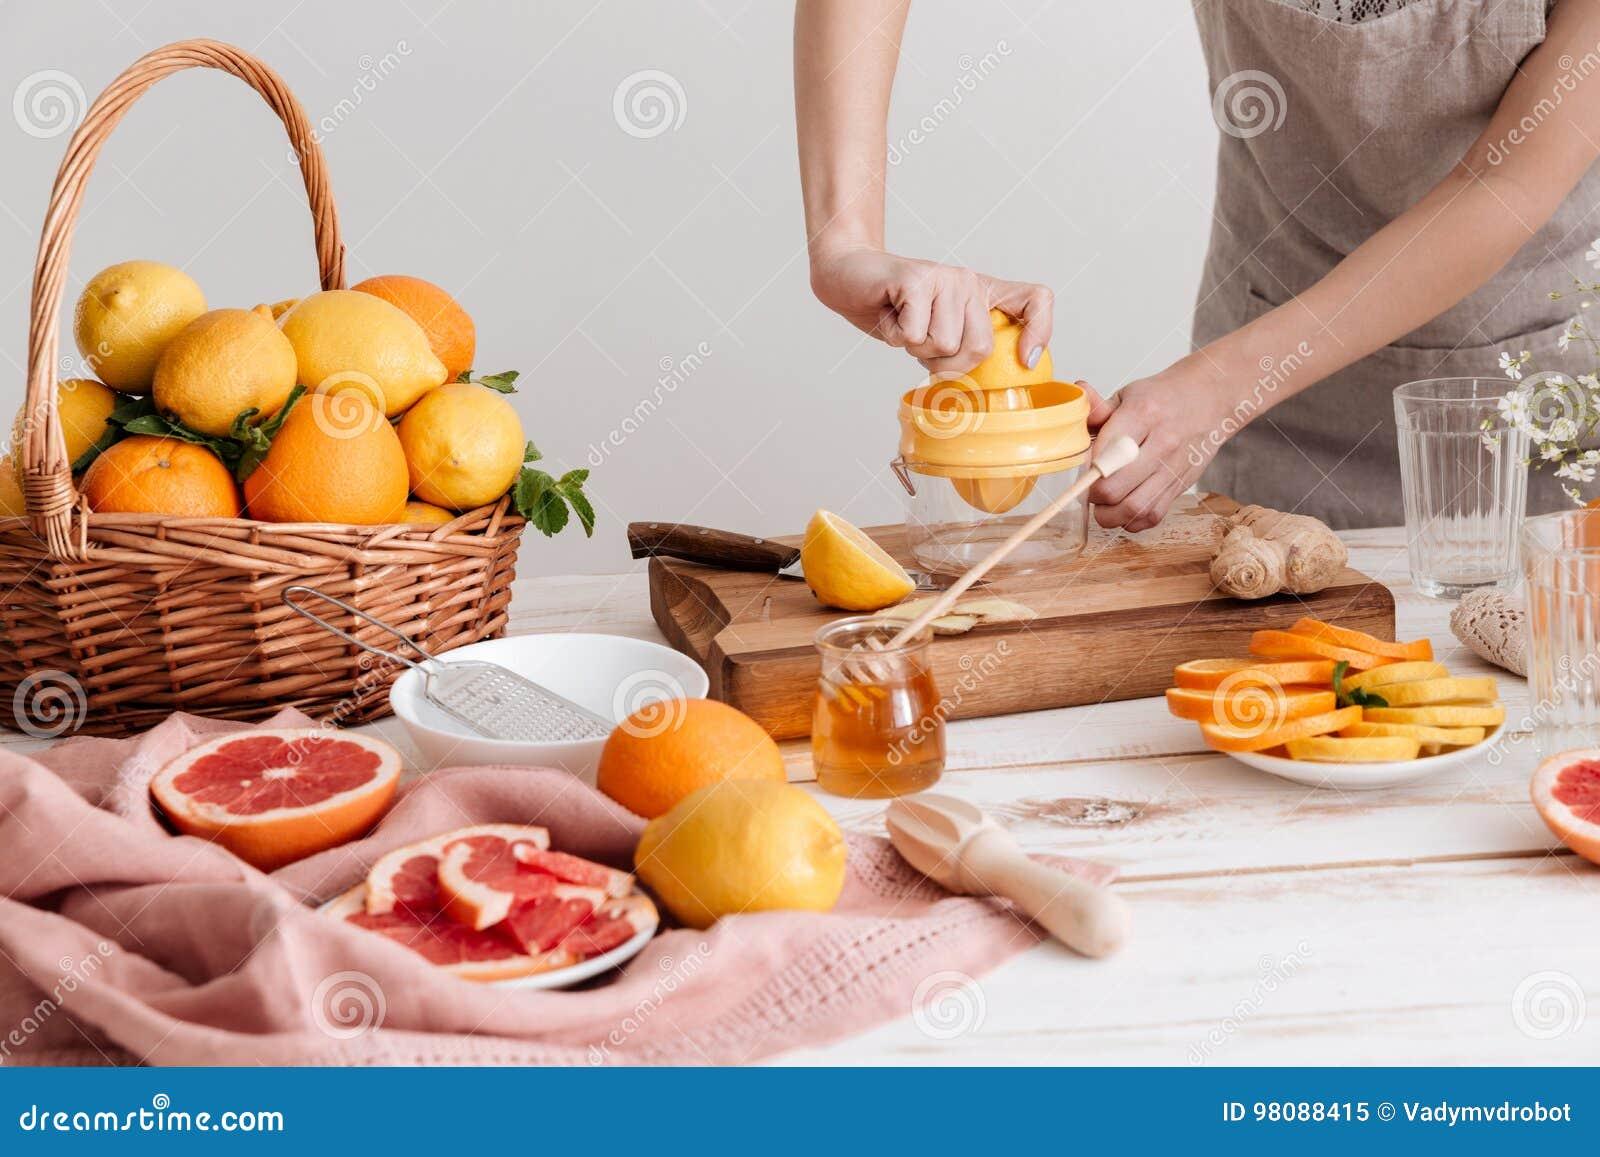 Geerntetes Bild der Frau drückt heraus Saft von Zitrusfrüchte zusammen